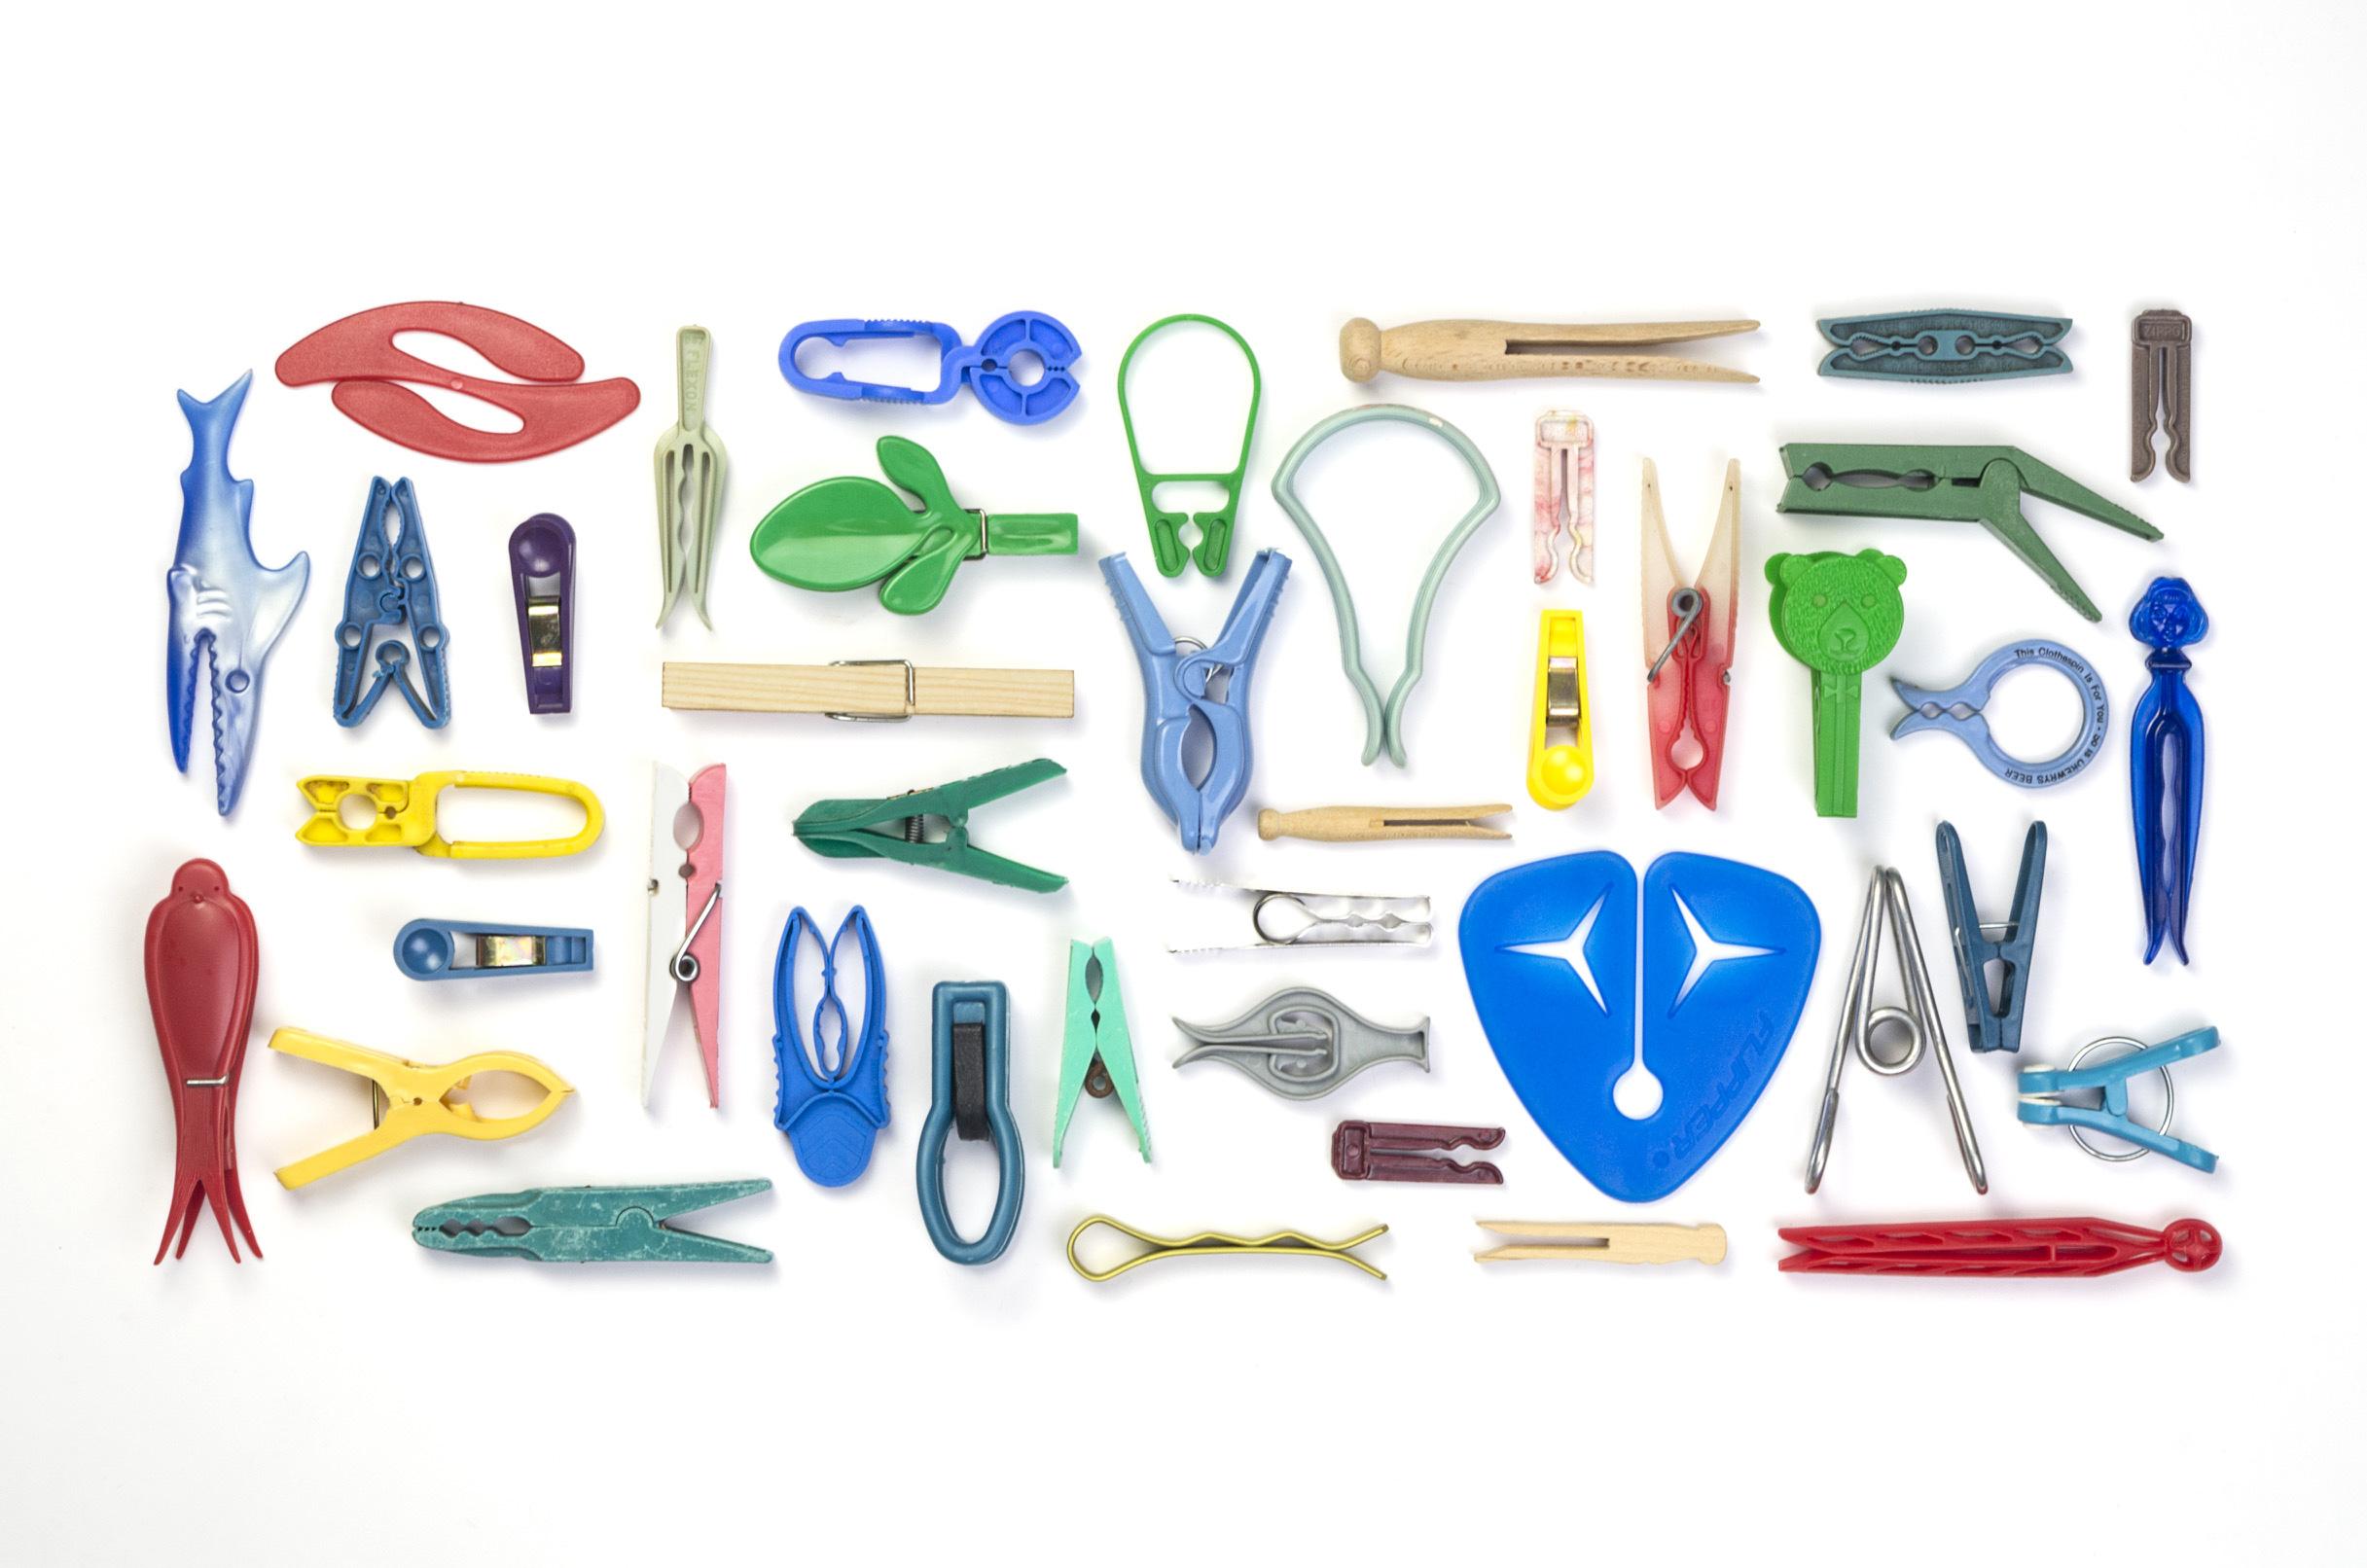 Mollette da bucato in mostra alla Triennale di Milano, fino al 12 novembre